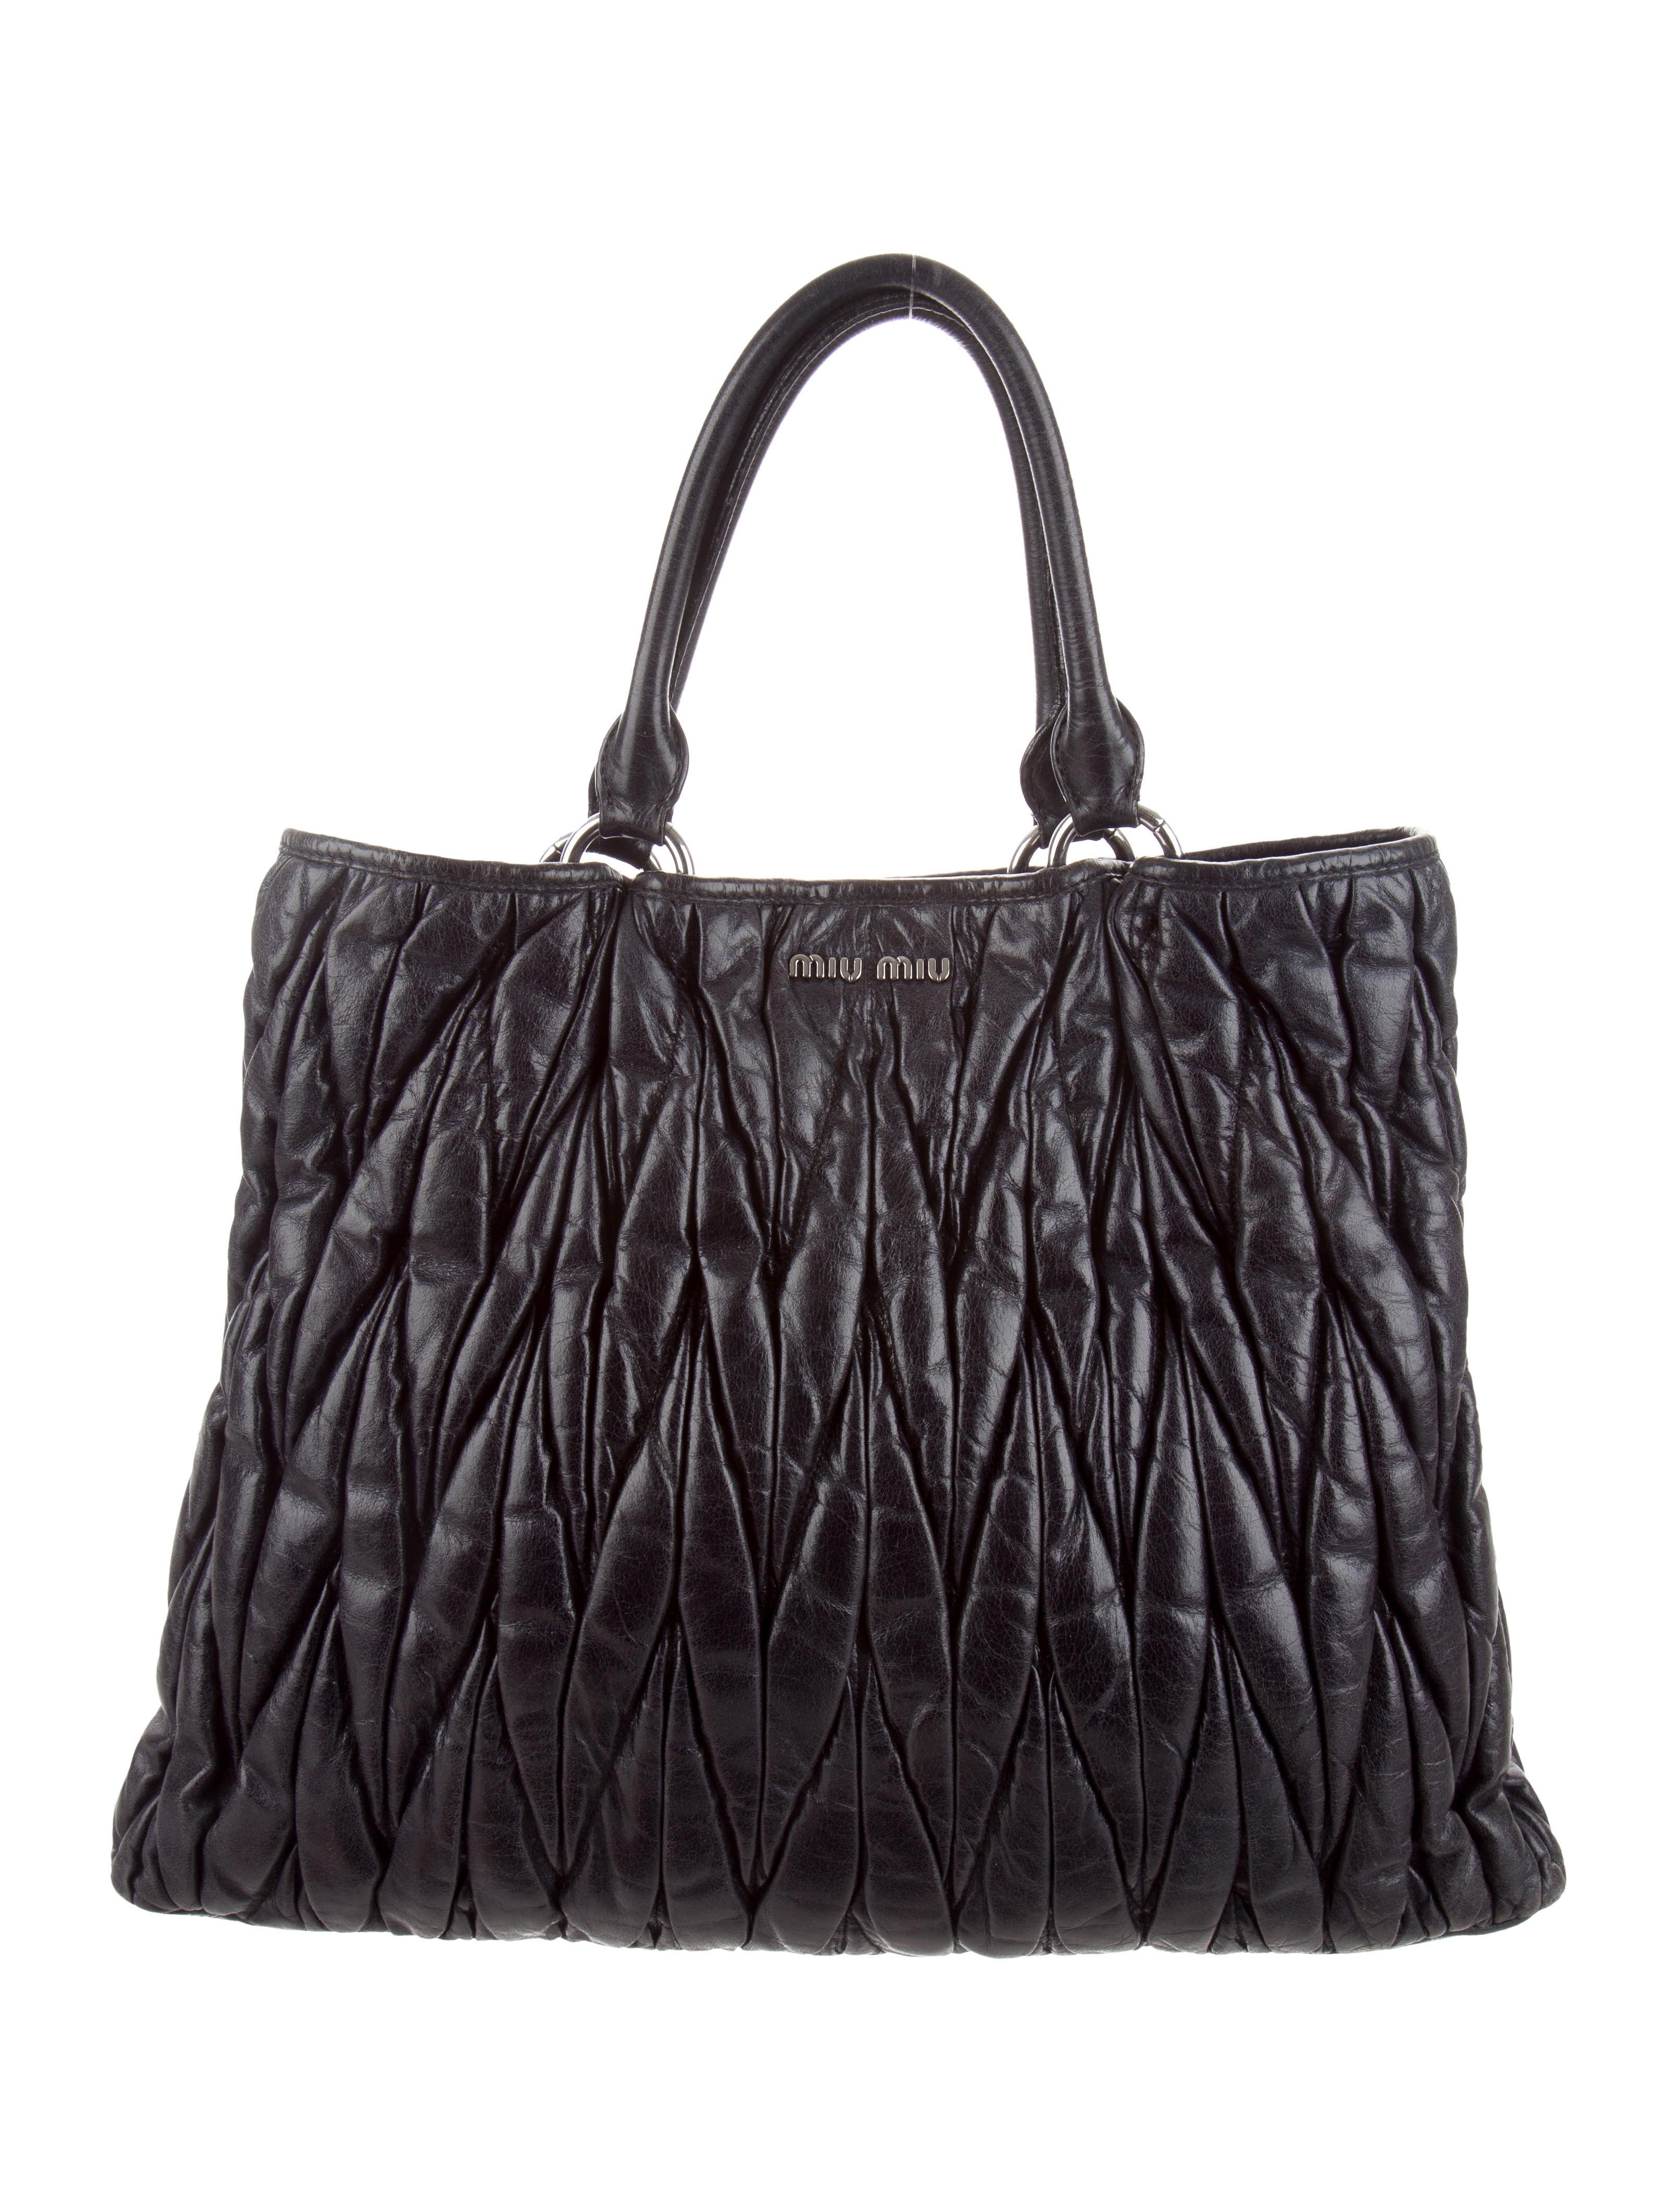 bf68b496a144 Miu Miu Matelassé Leather Satchel - Handbags - MIU73446